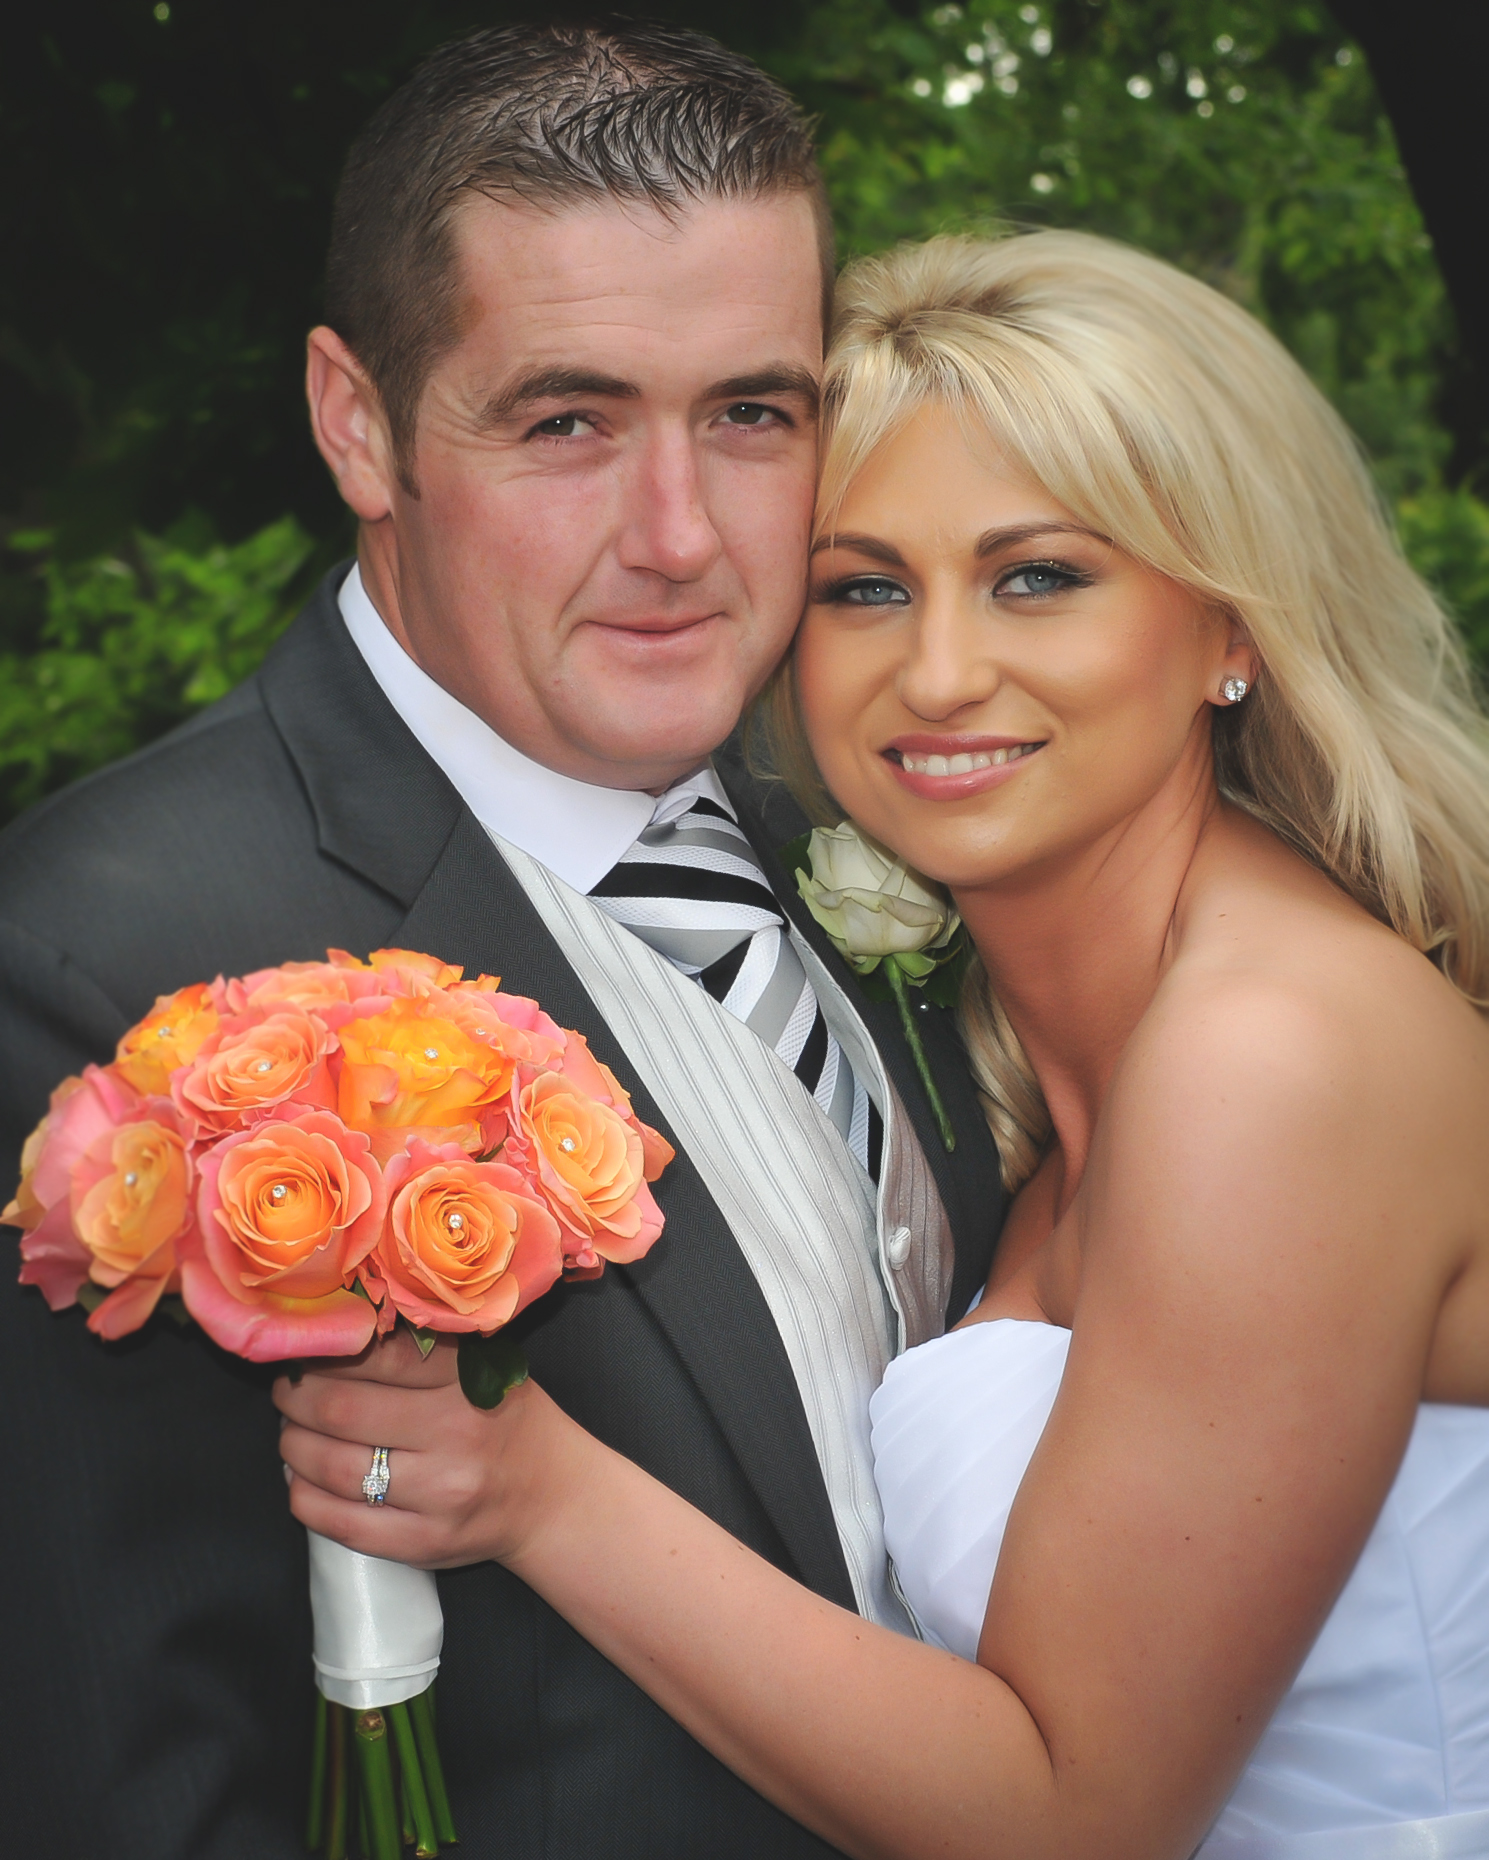 wedding 2 (6).jpg